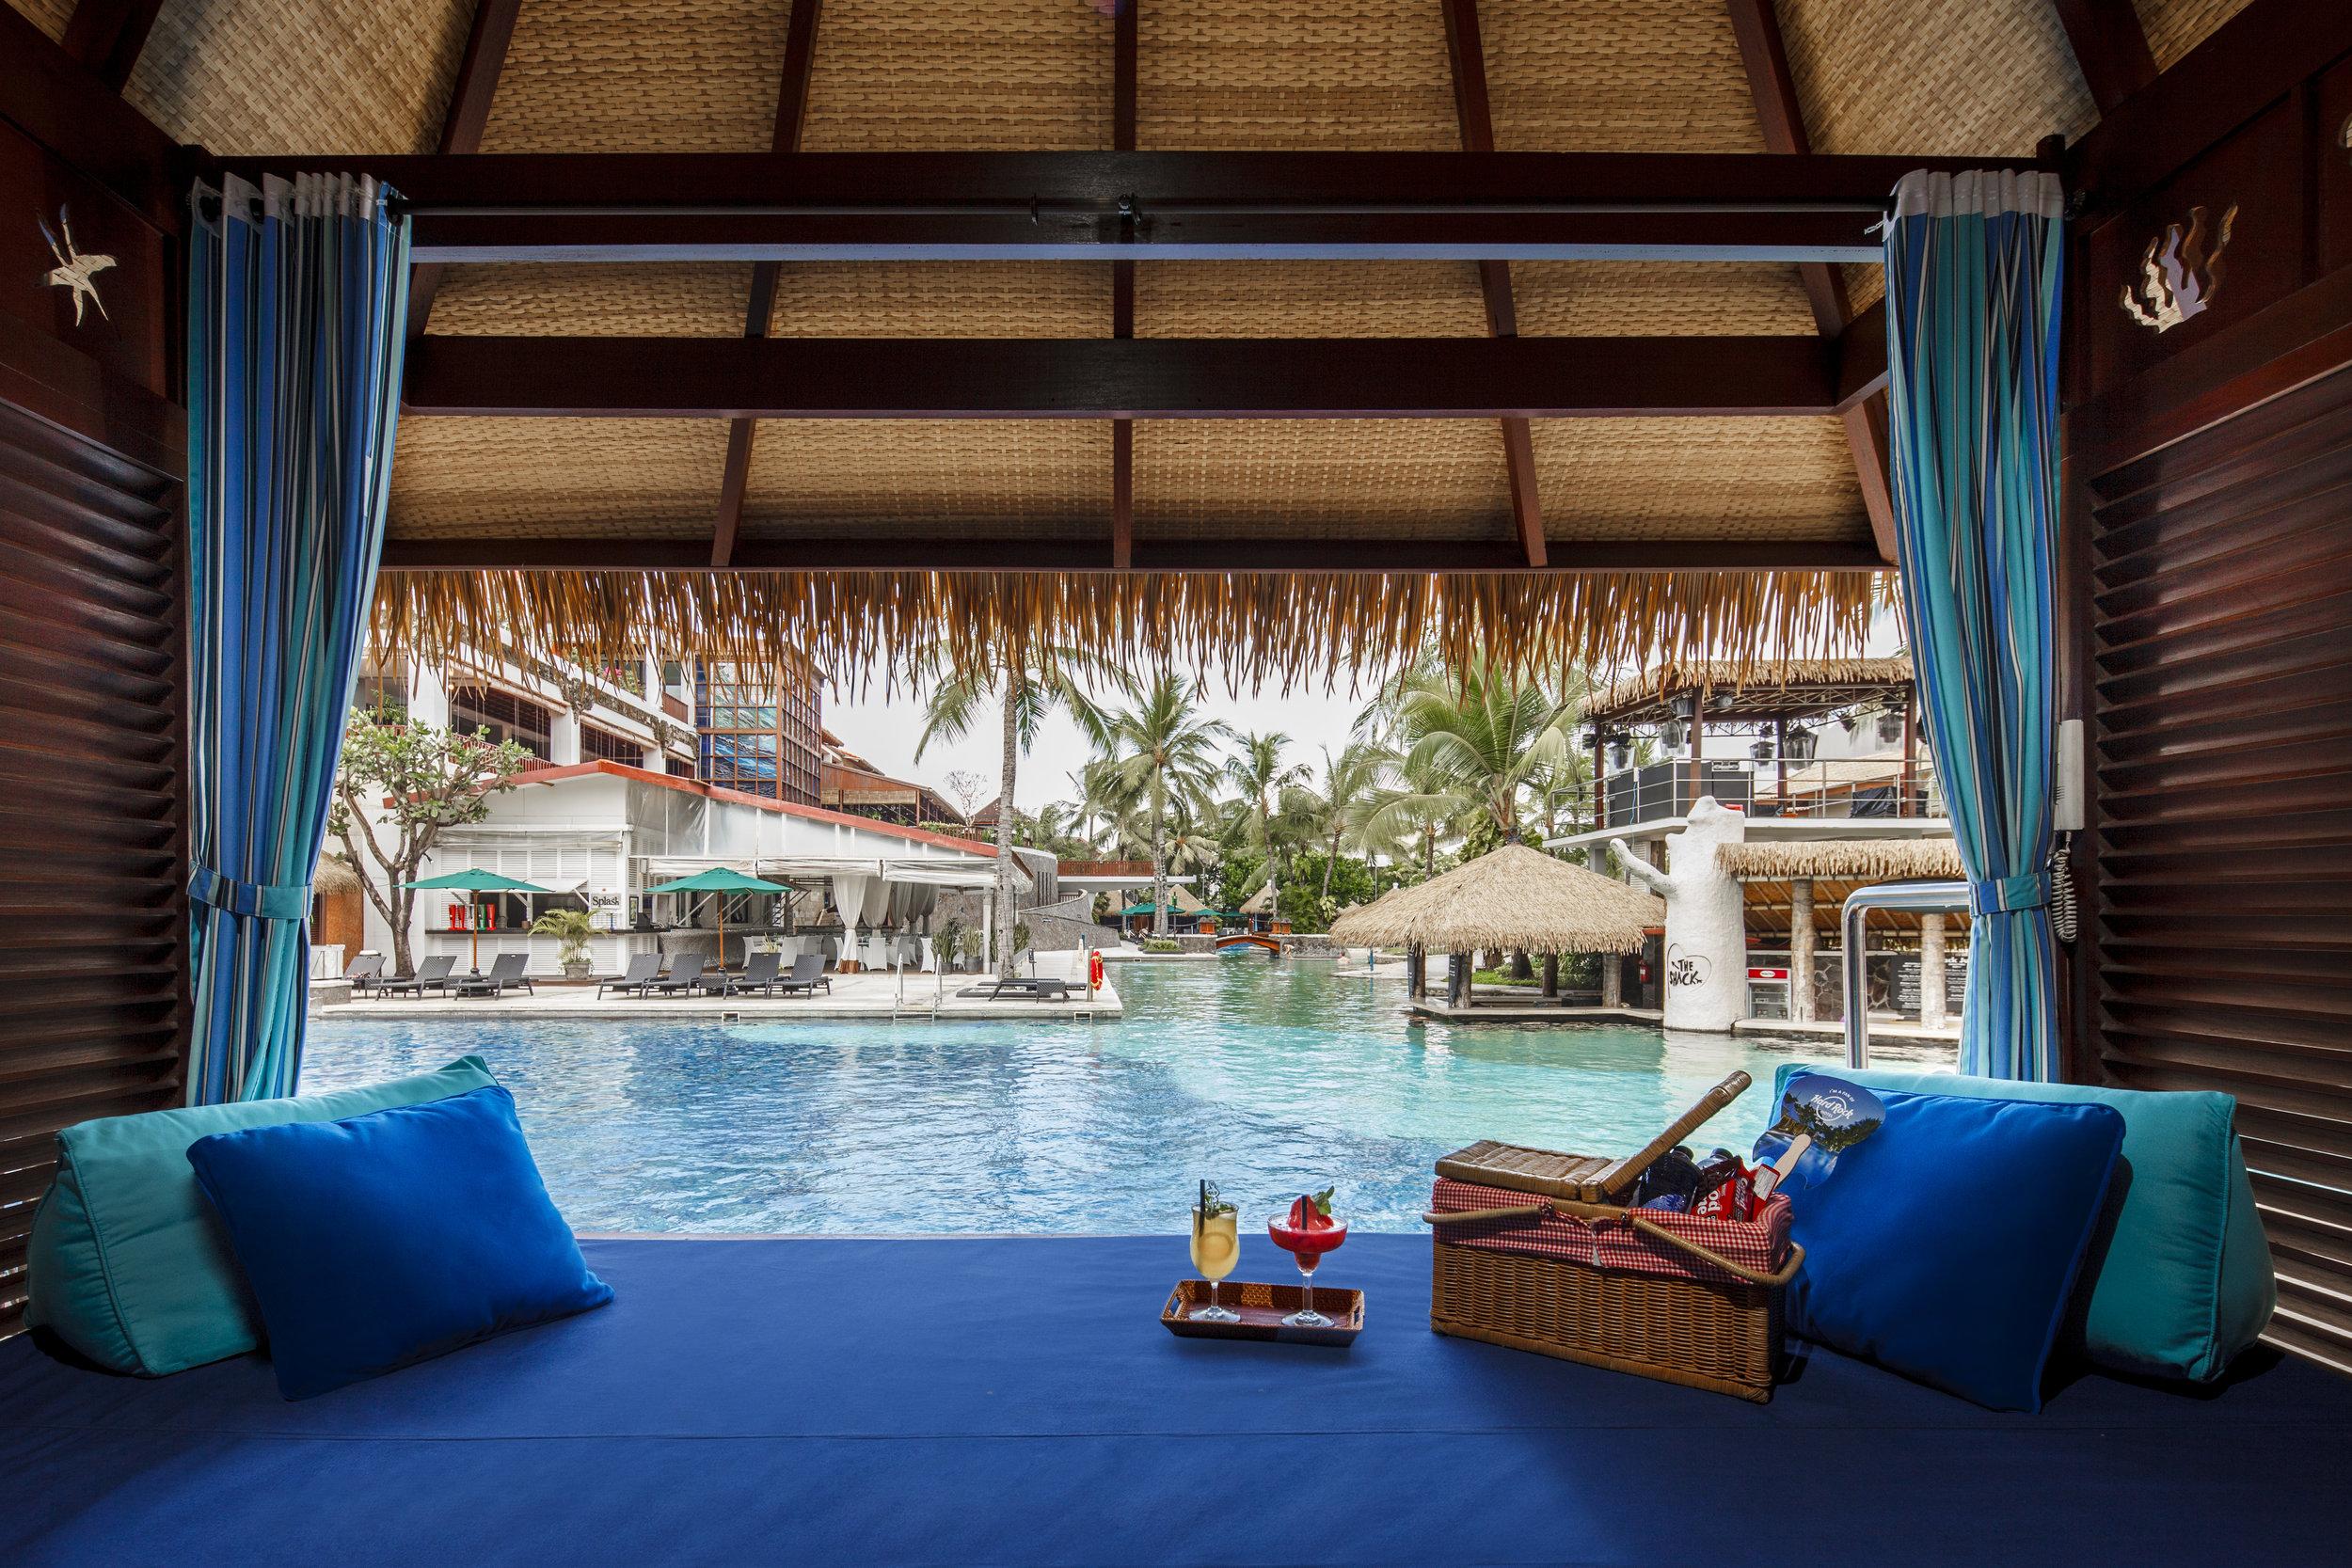 Hard Rock Hotel Bali - Kuta, Bali - Indonesia